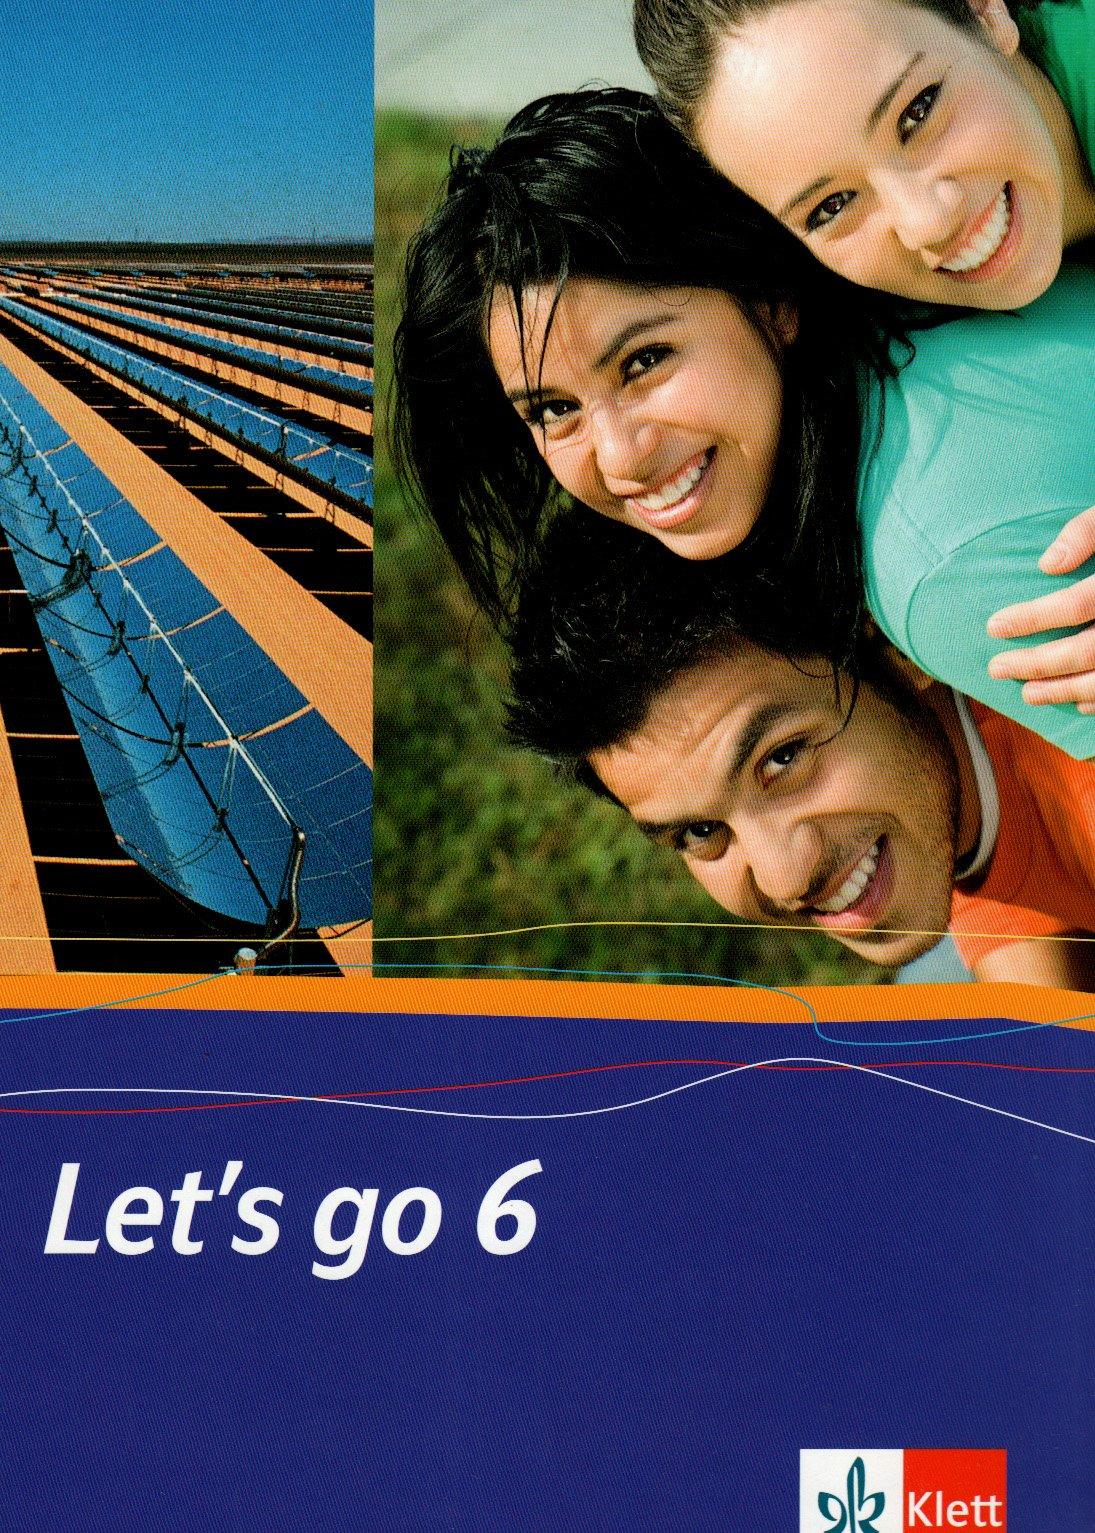 Let's go. Englisch als 1. Fremdsprache. Lehrwerk für Hauptschulen / Teil 6 (6. Lehrjahr): Schülerbuch. Hardcover